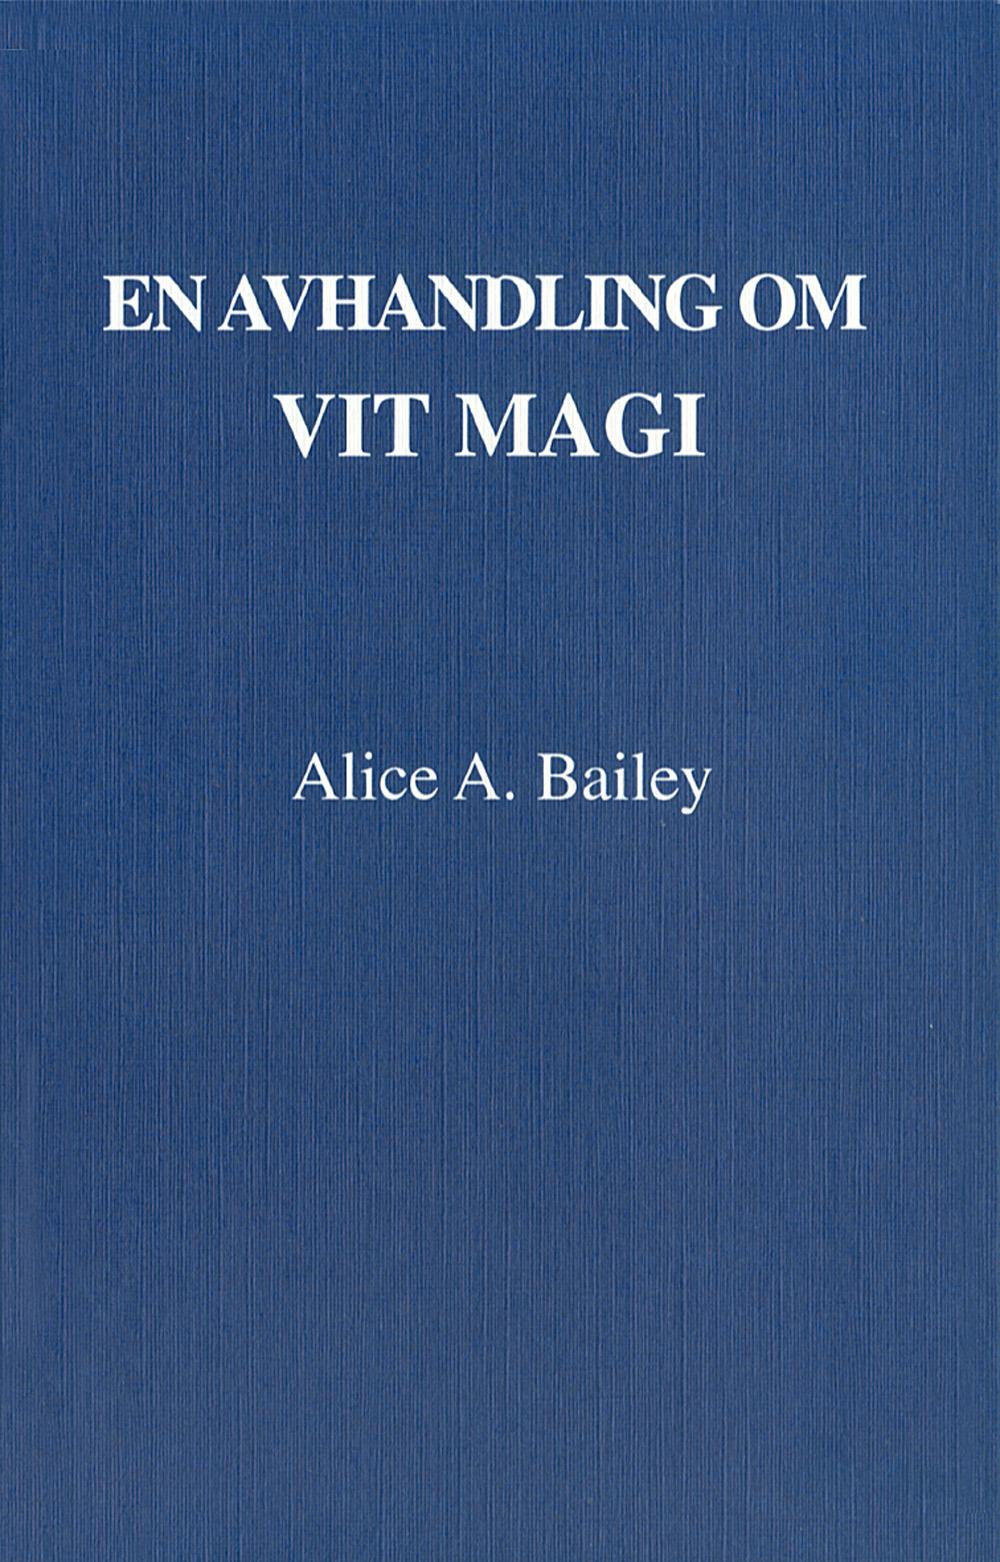 En avhandling om vit magi eller lärjungens väg (3u) av Alice A Bailey